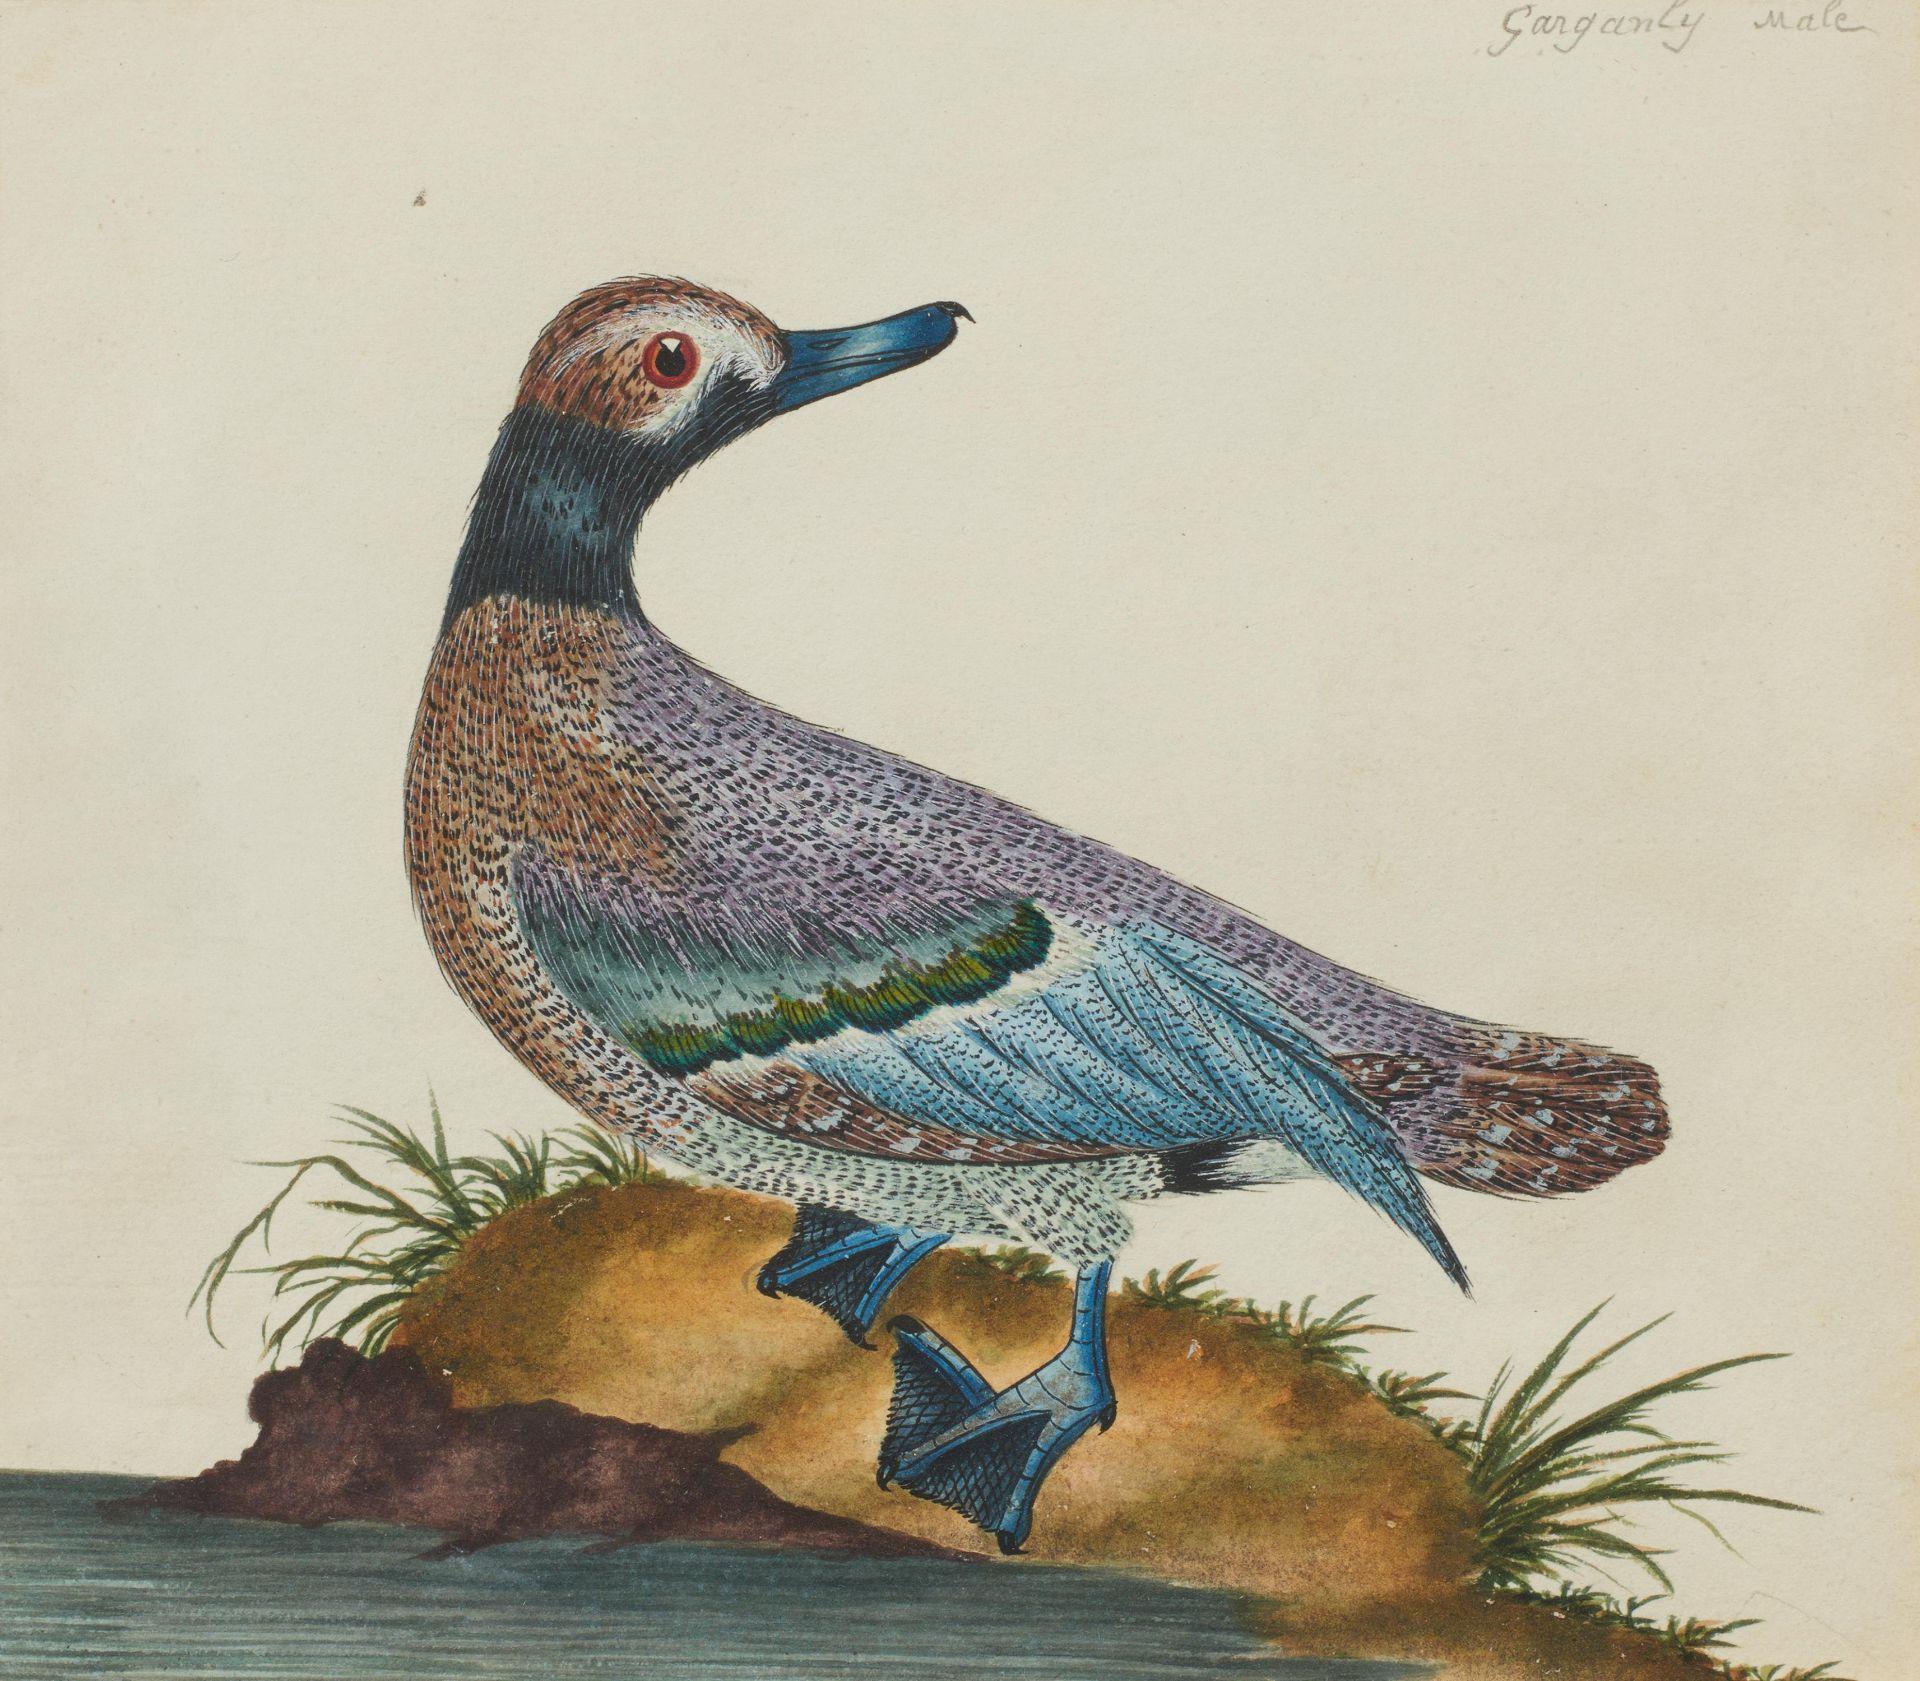 Englischer Meister. um 1900. Drei Aquarelle: Gänse und Enten. Jeweils: Aquarell auf Papier. - Bild 5 aus 11